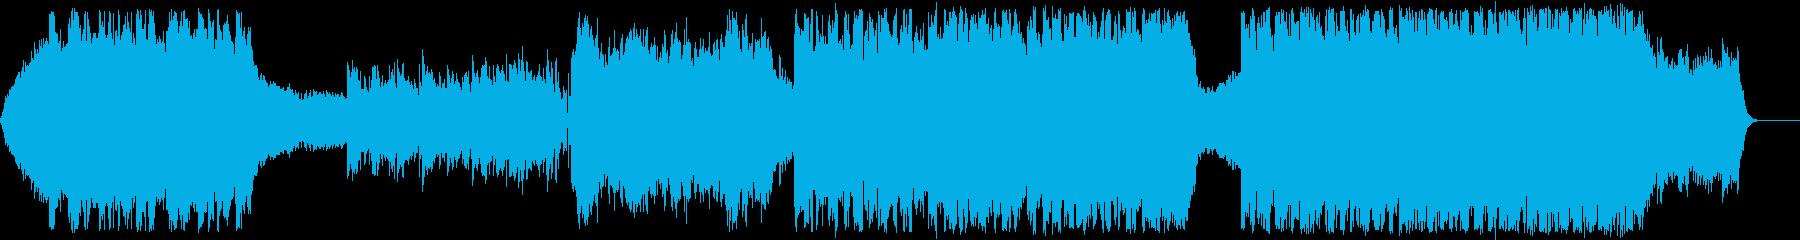 ファンタジー/壮大/オーケストラ/戦闘の再生済みの波形